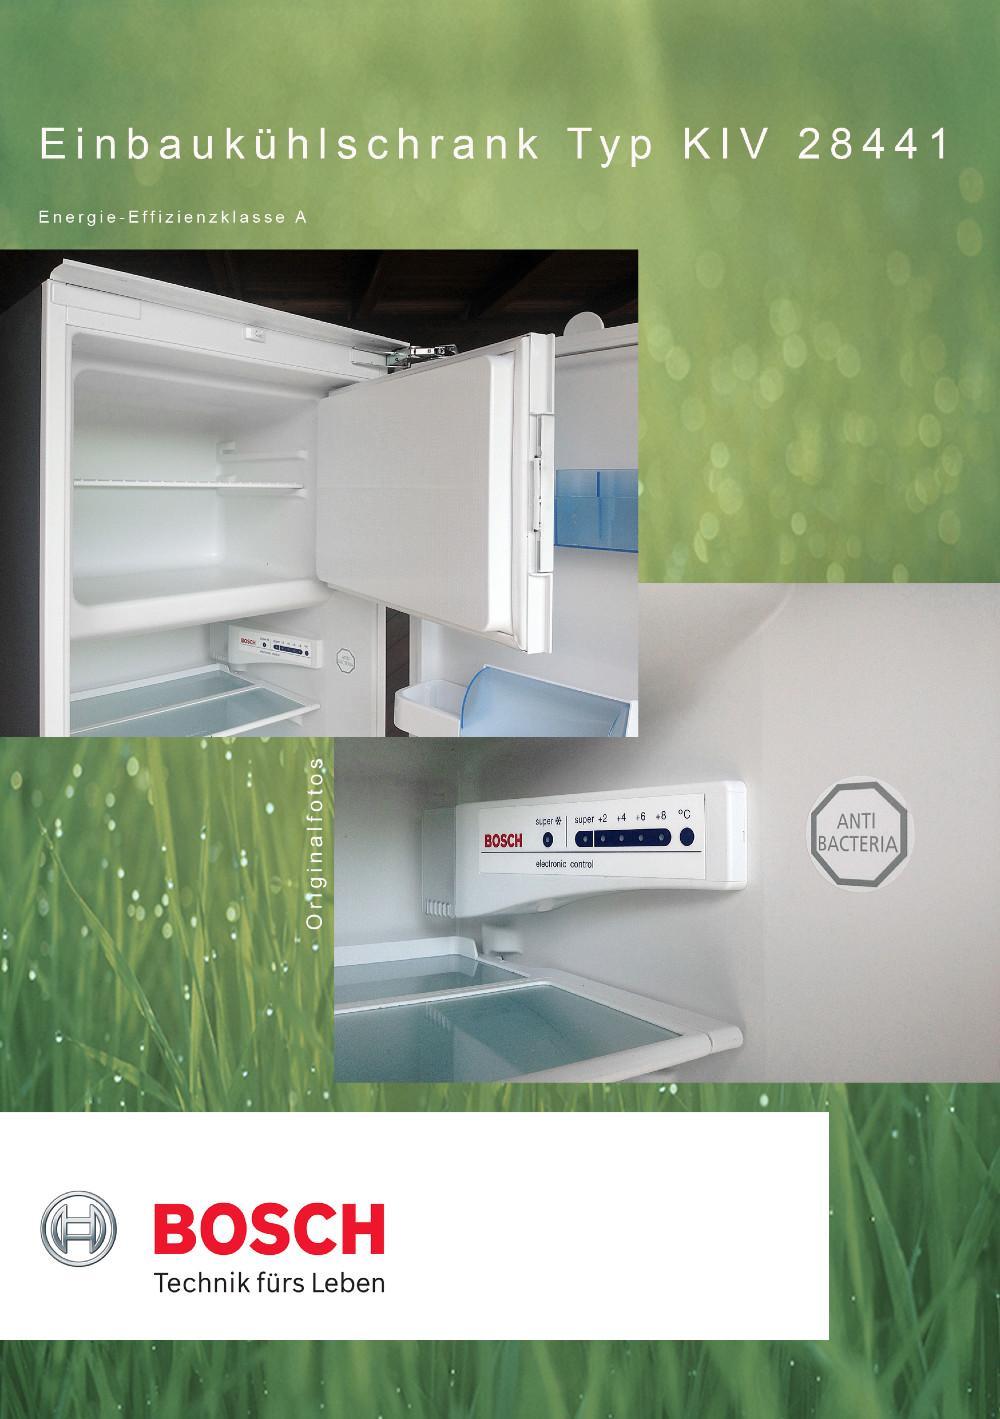 bosch einbauk hlschrank mit gefrierfach schn ppchen nur 99 euro 843274. Black Bedroom Furniture Sets. Home Design Ideas